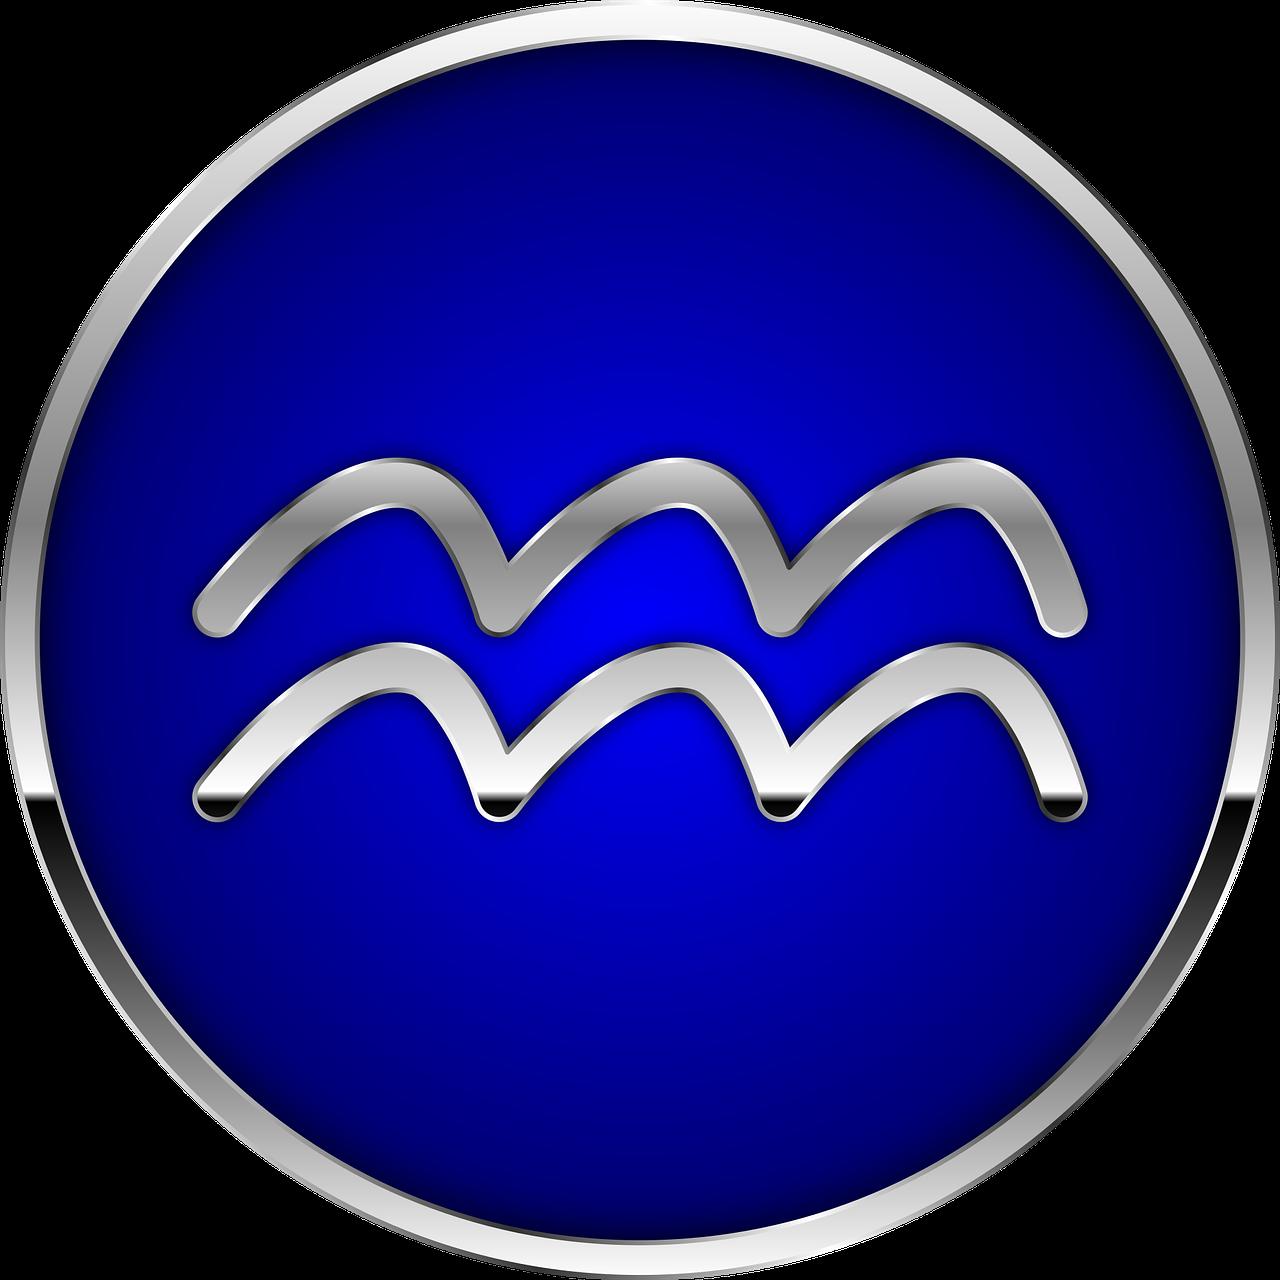 Sternzeichen Eigenschaften Wassermann